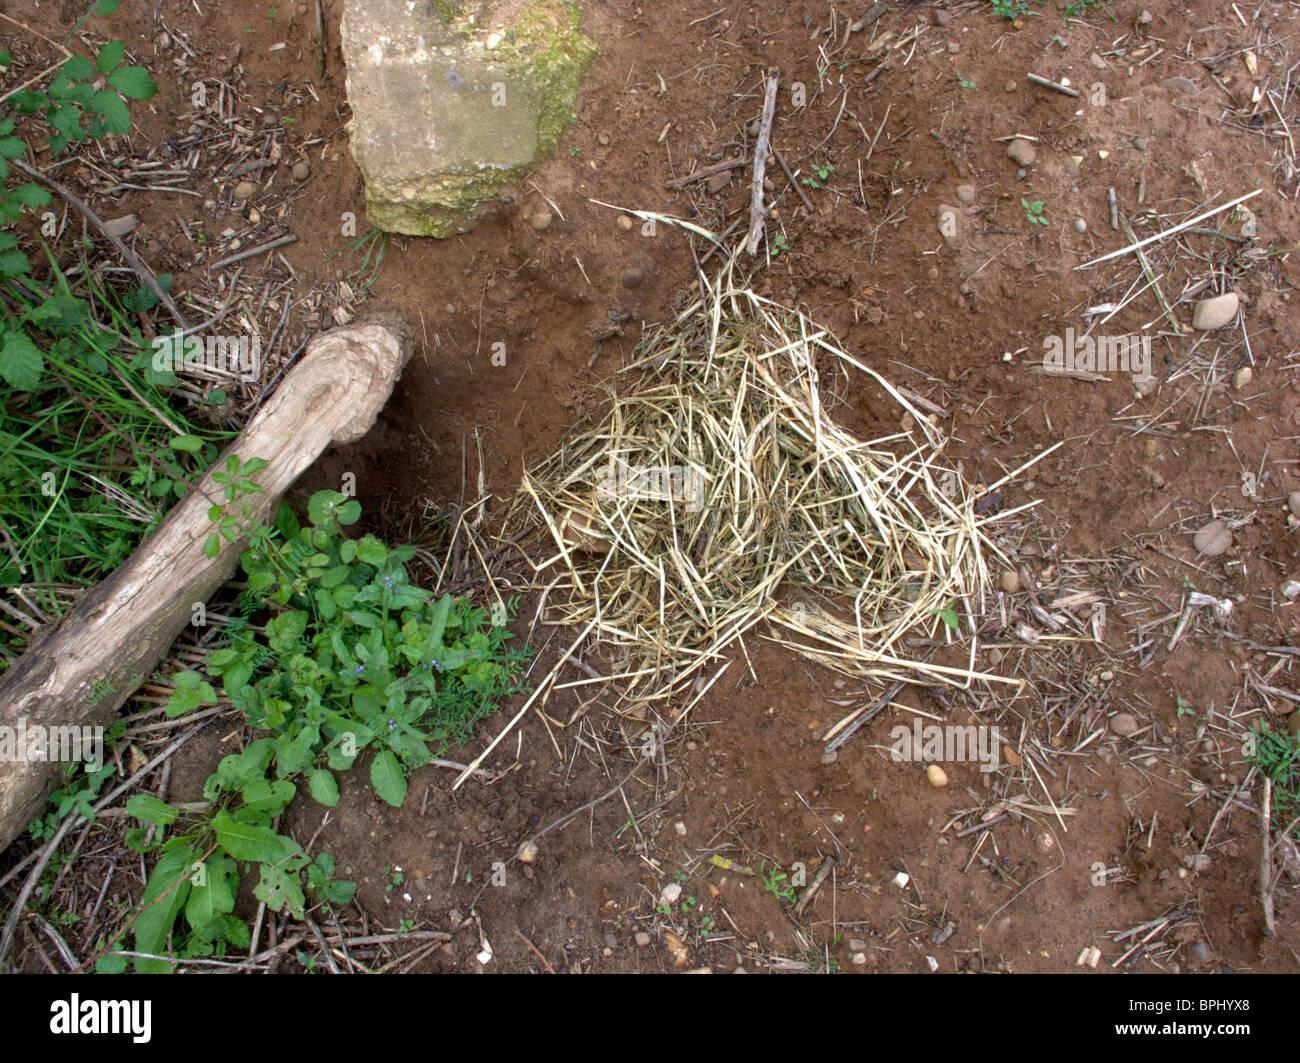 Le blaireau, Meles meles, matériel de nidification par les blaireaux sett, Midlands, Juillet 2010 Banque D'Images